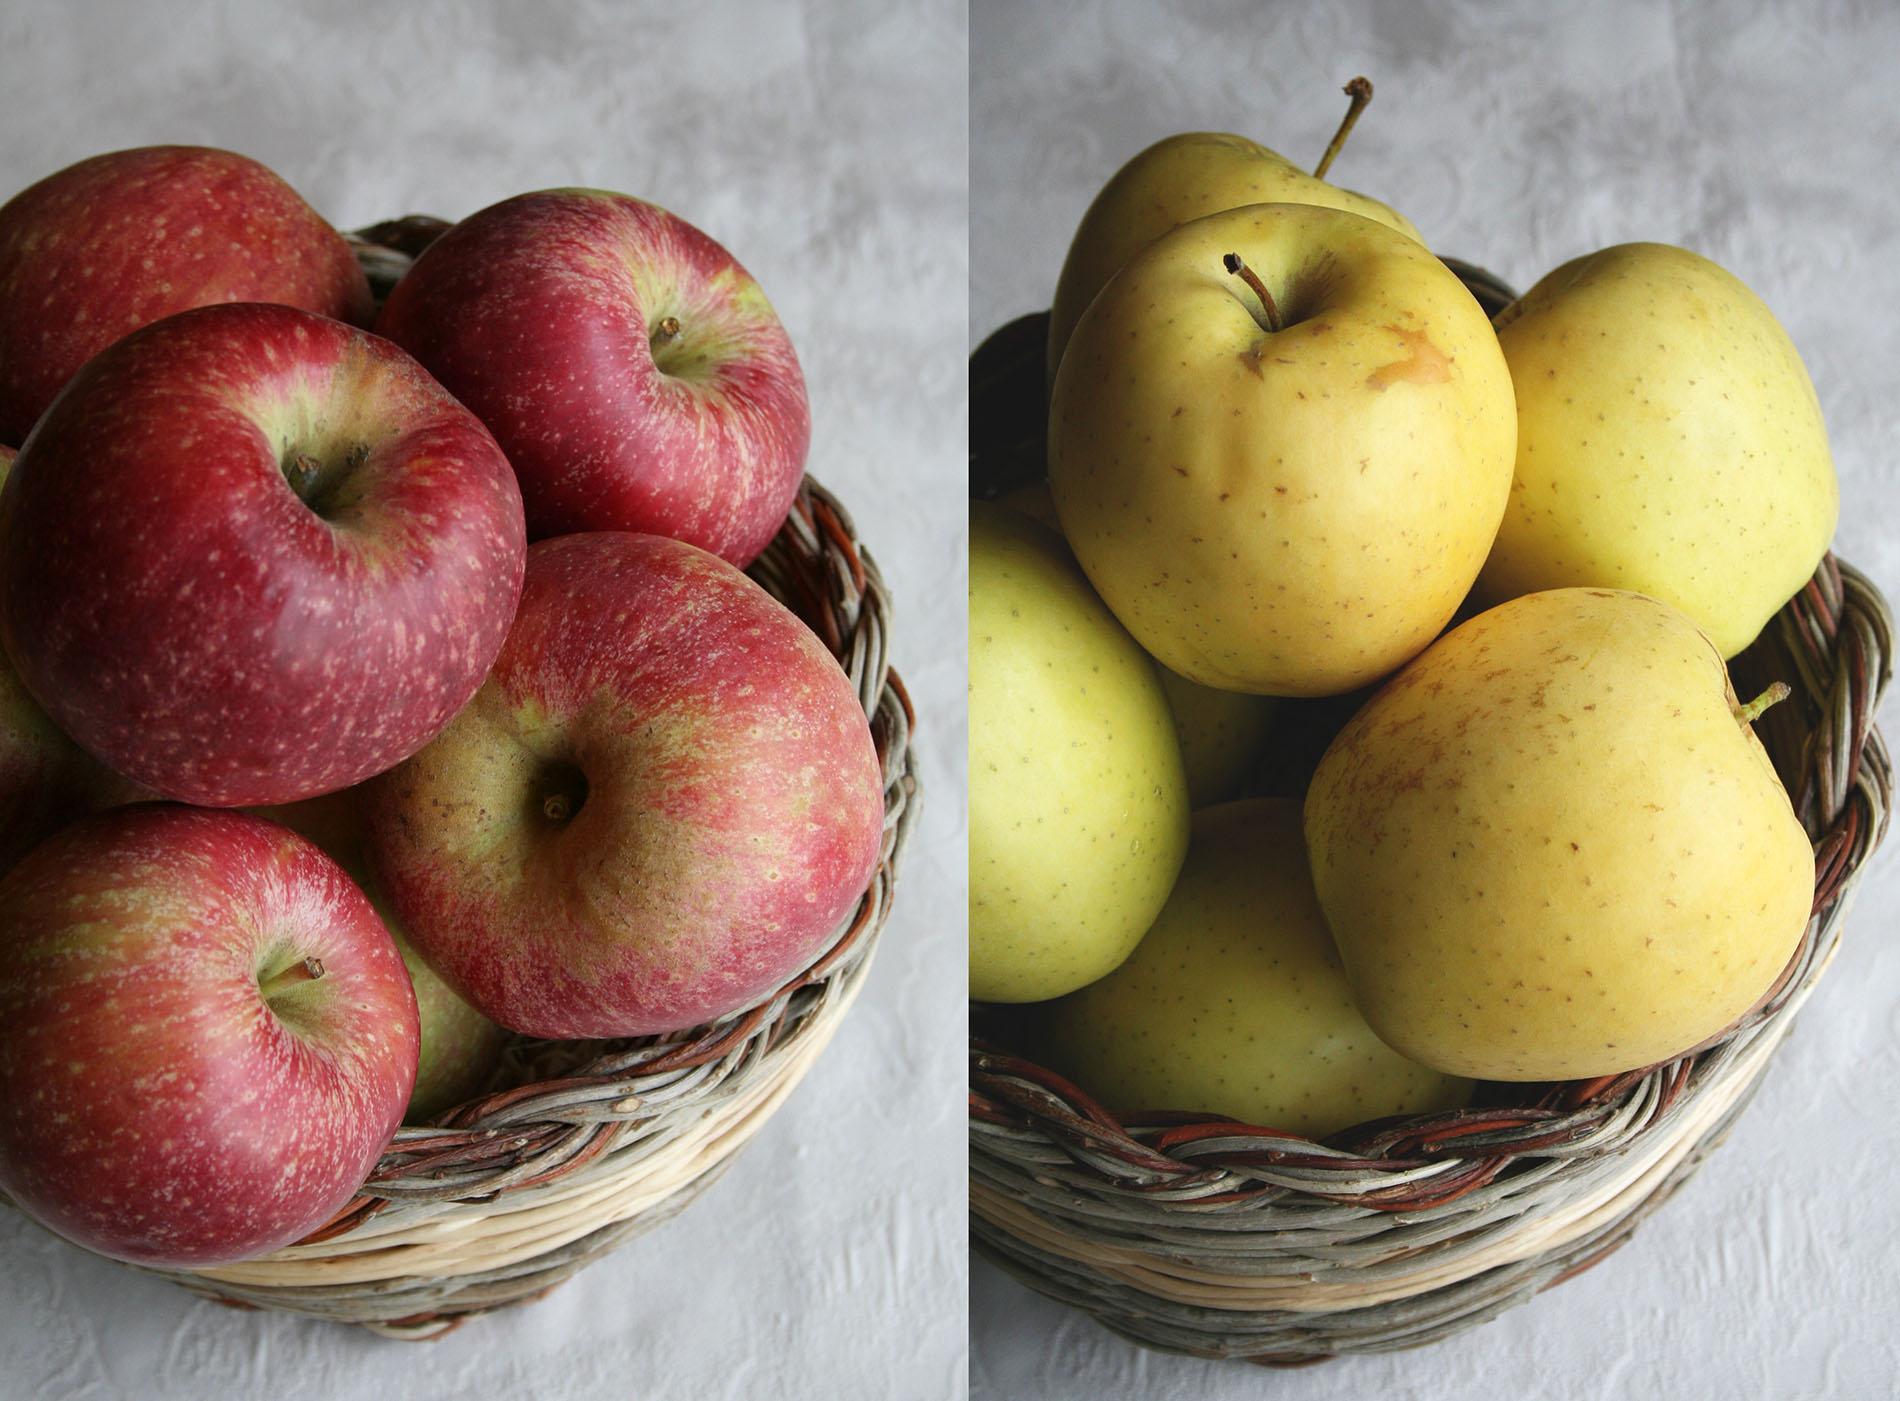 Azienda Agricola Collazzone - La Saporita a Paciano: mele Fuji e Golden